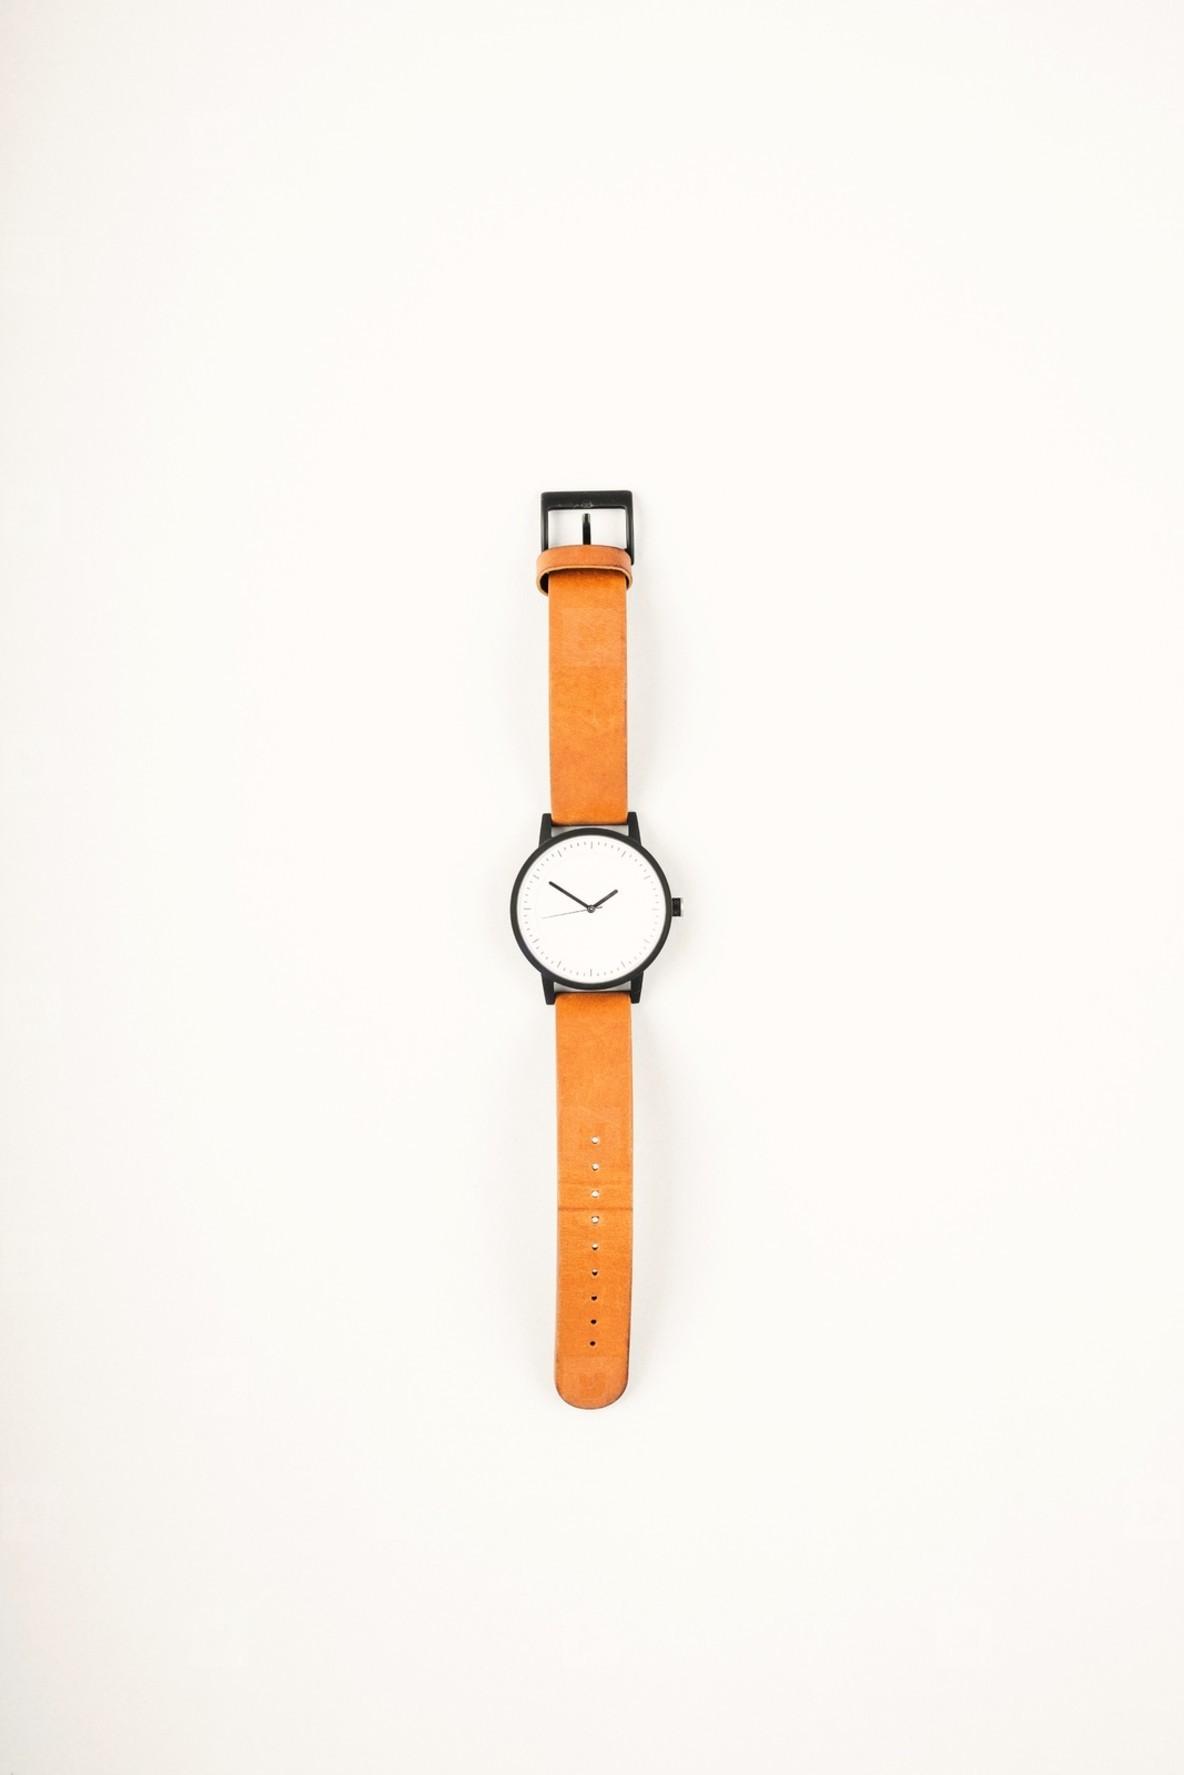 Modern mens wrist watch